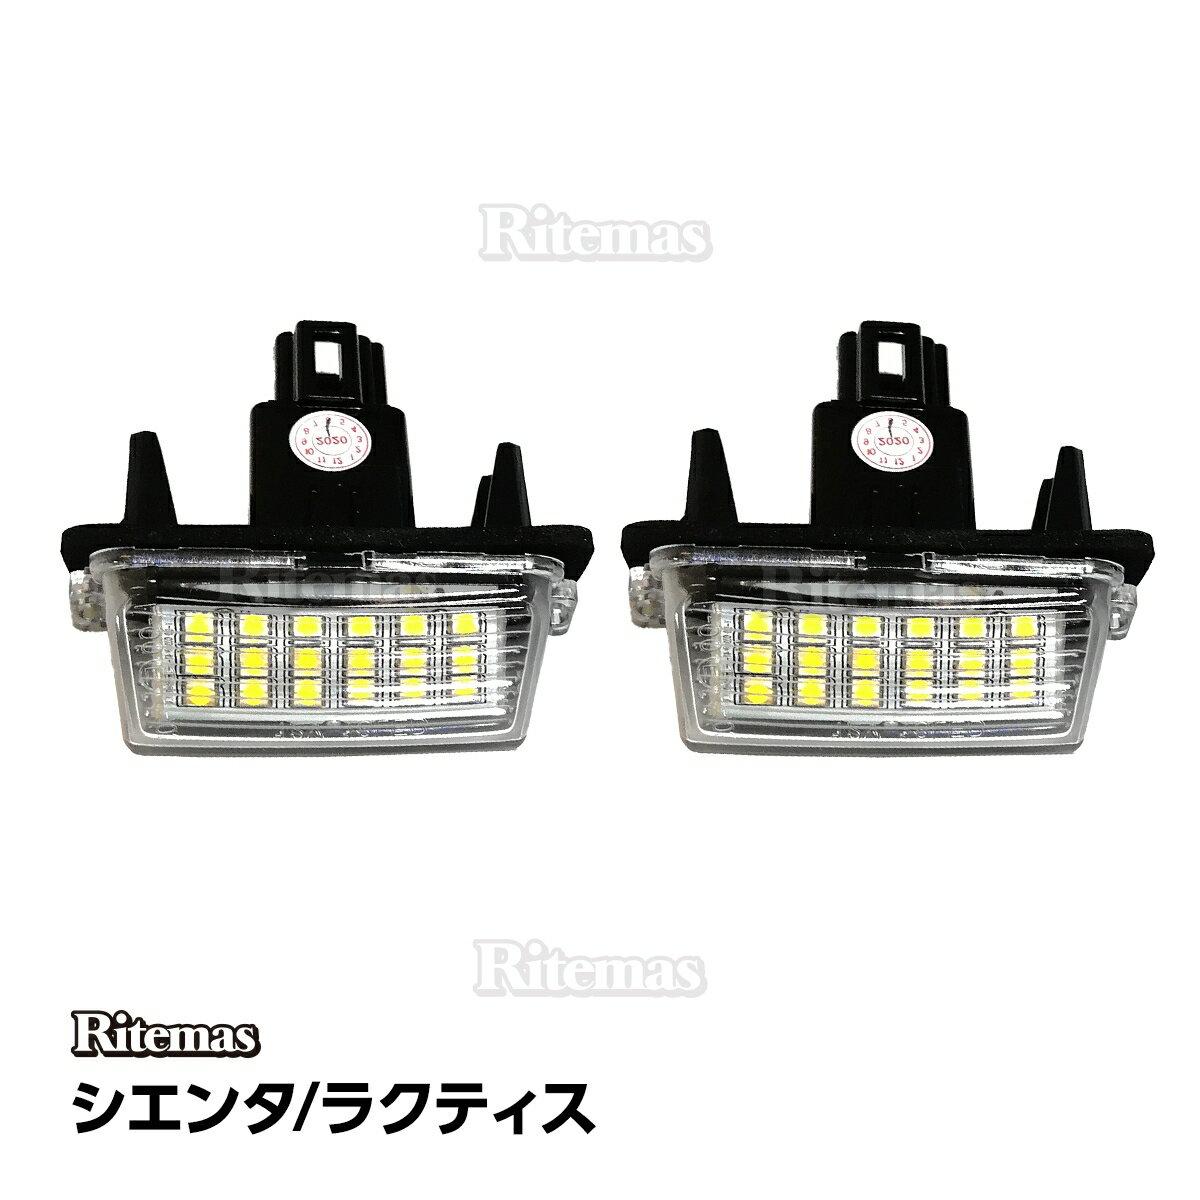 シエンタ NSP17#G NCP175G NHP170G ラクティス NSP120 NCP12# NLP121 前期 後期 LED ライセンスランプ ナンバー灯ユニット 純正交換タイプ 左右セット 白 ホワイト ポン付け 簡単取り付け LEDナンバー灯 SIENTA RACTIS